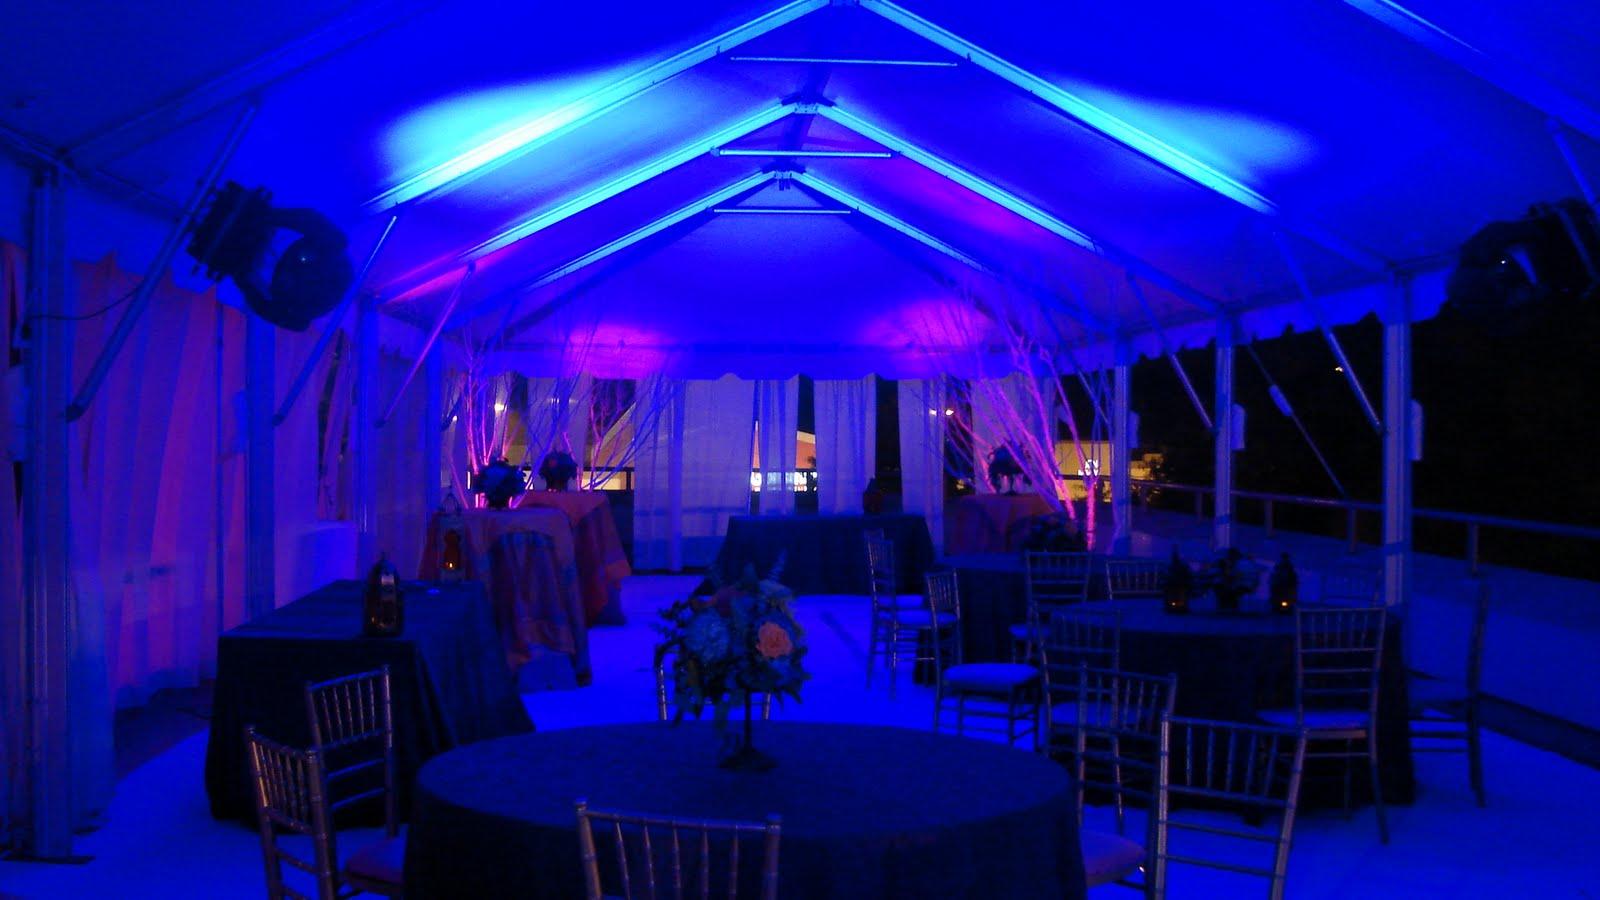 reception-room-blue.jpg